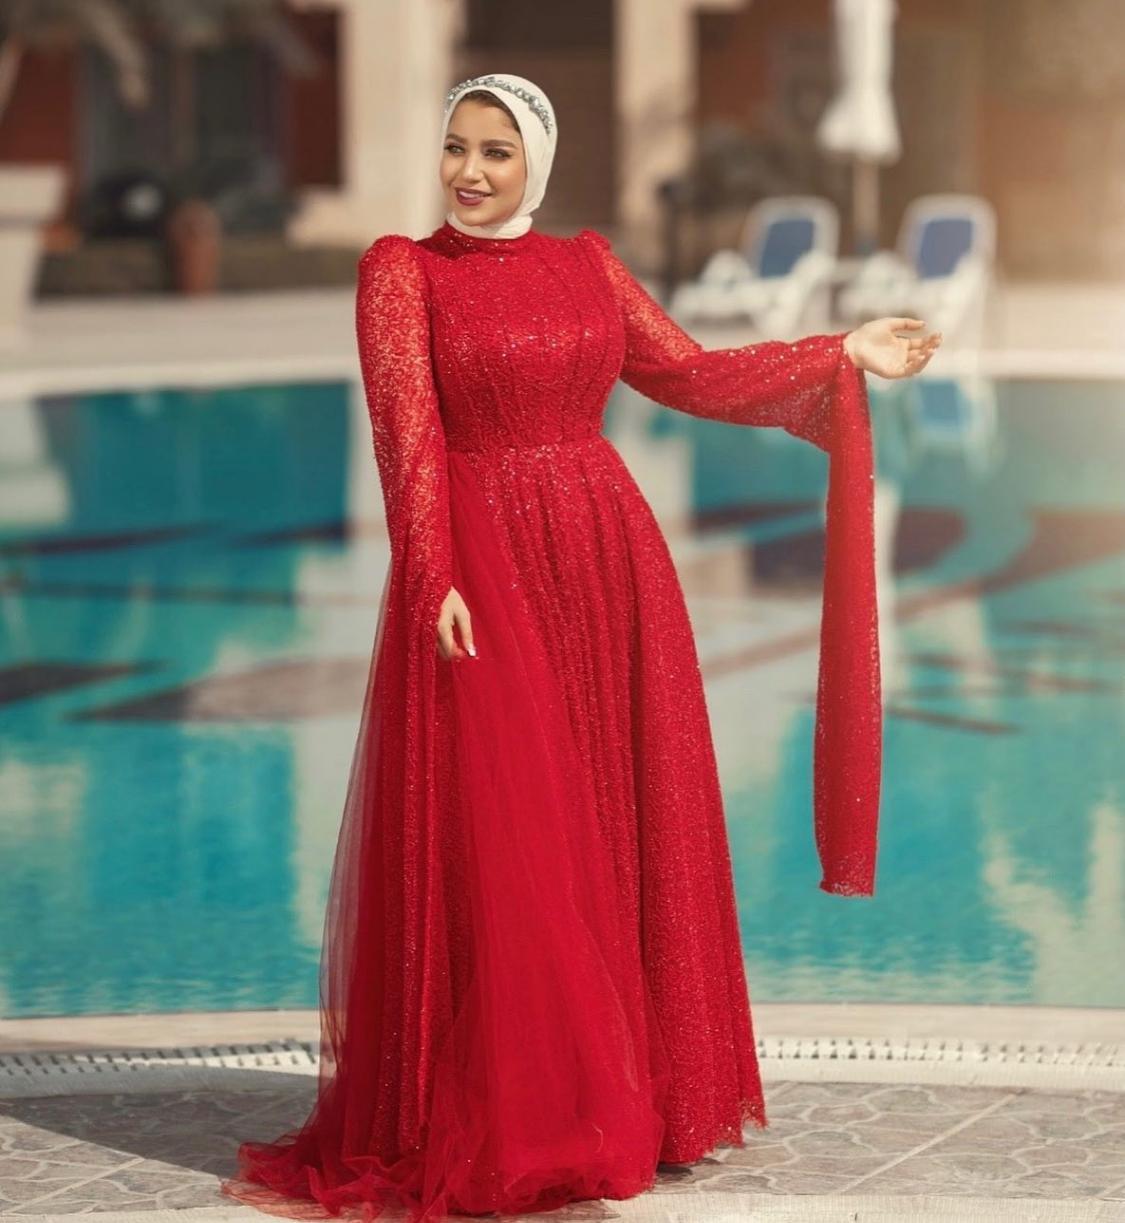 1 مريم سيف بفستان بجليتر احمر -الصورة من حسابها على الانستغرام